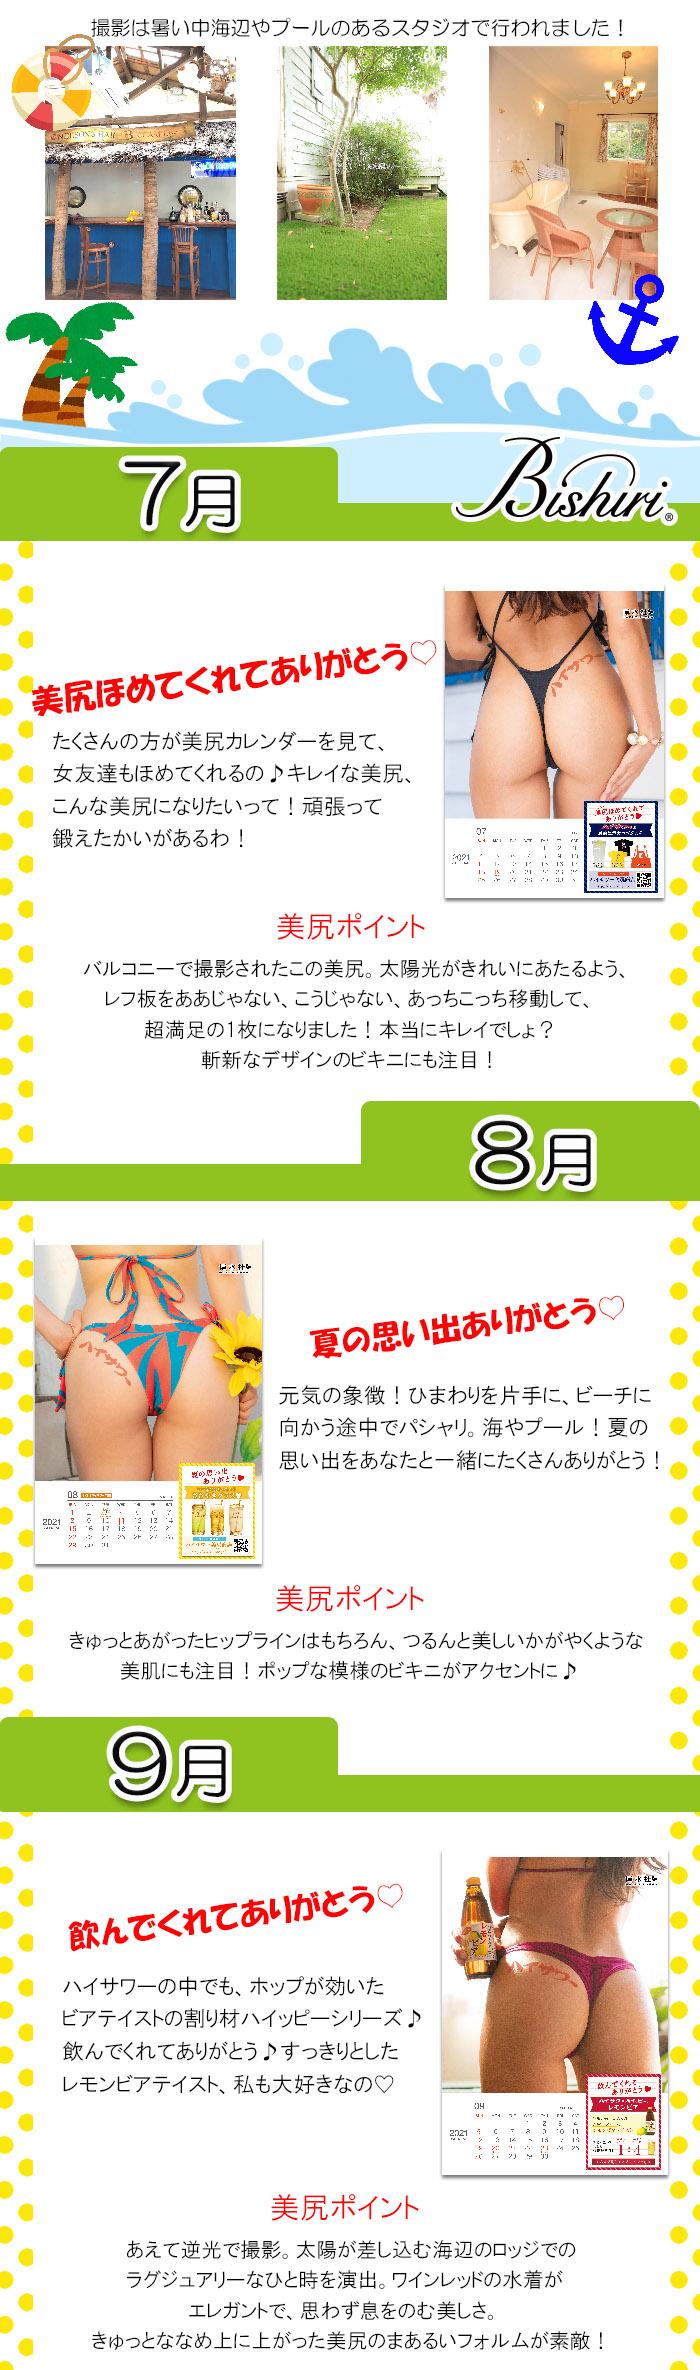 2021_ 美尻カレンダー特設2-1